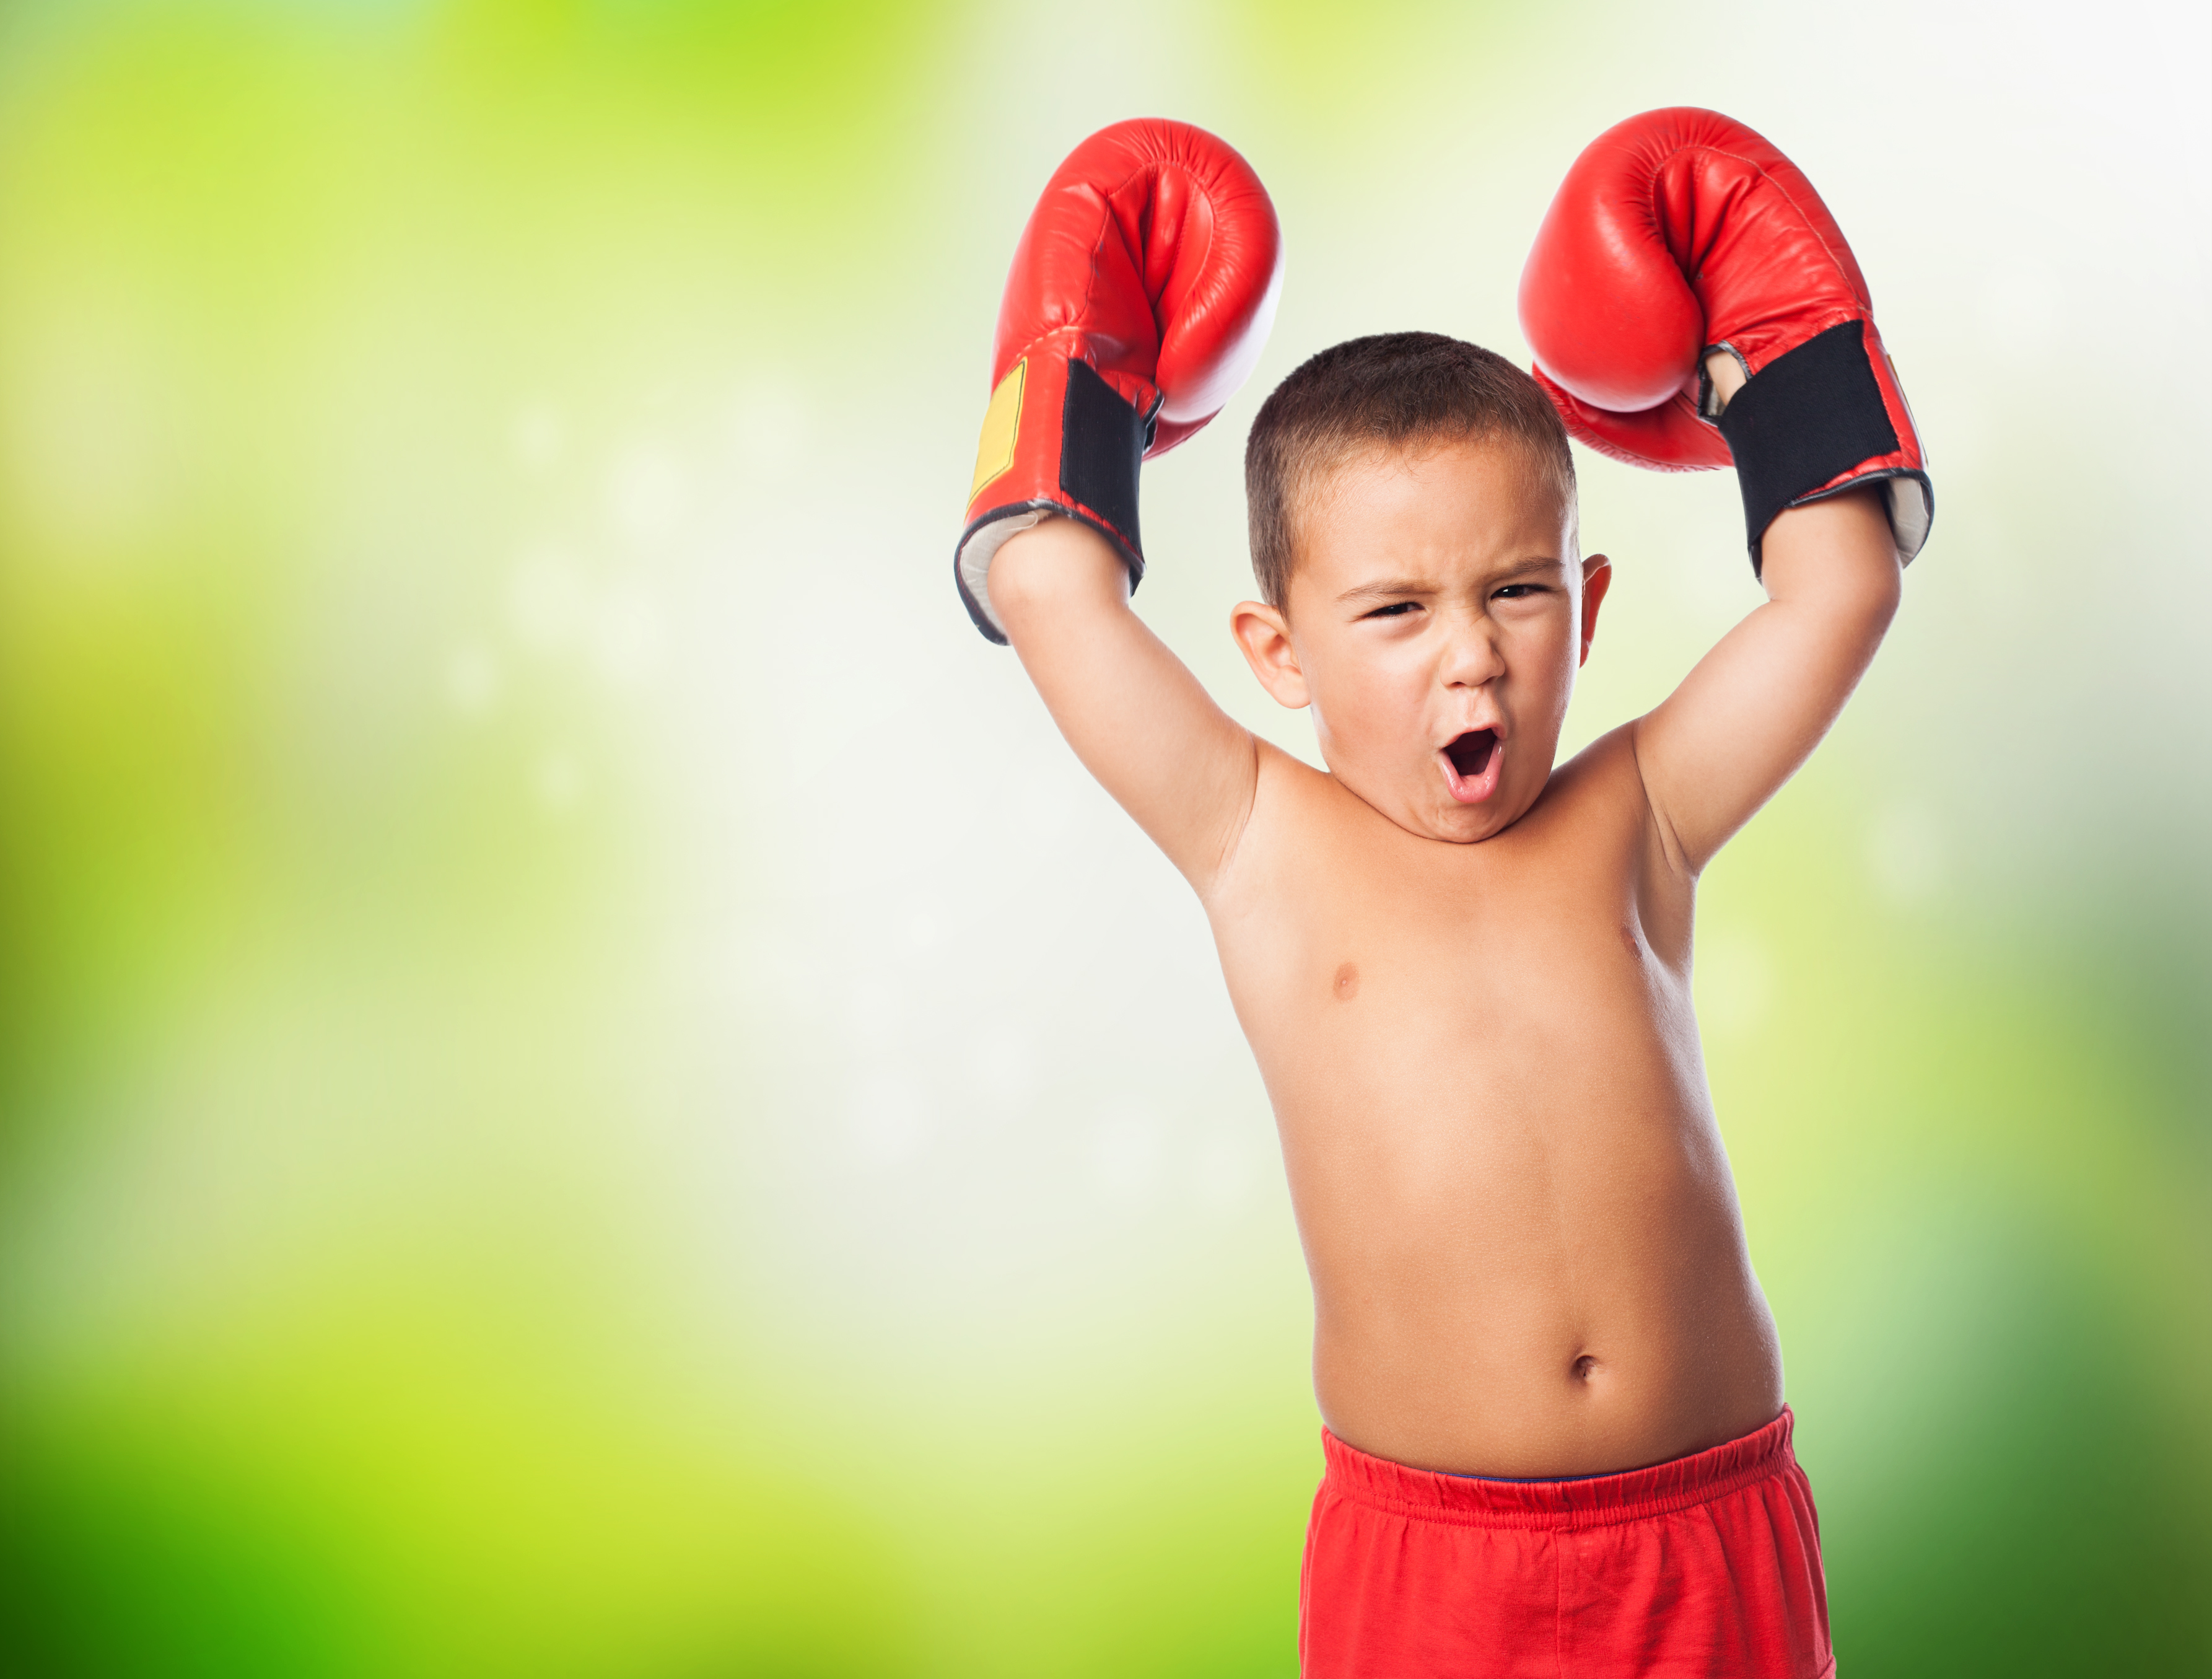 Спорт и дети смешные картинки